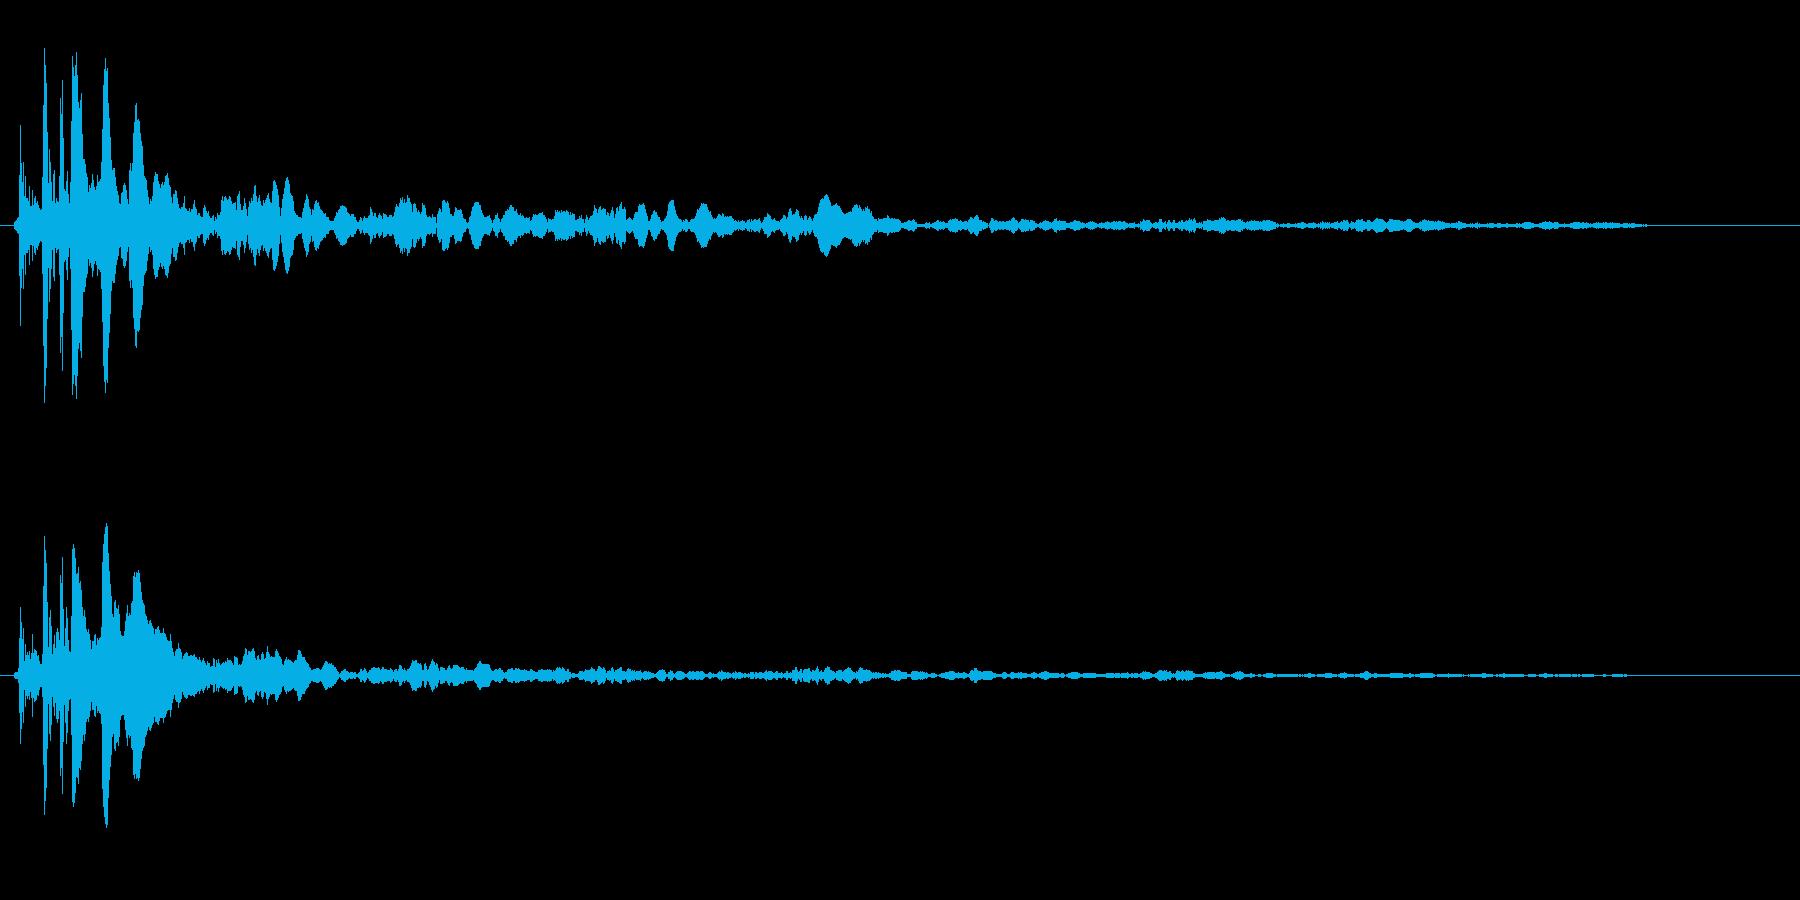 カリン(何かがはじけるような音)の再生済みの波形